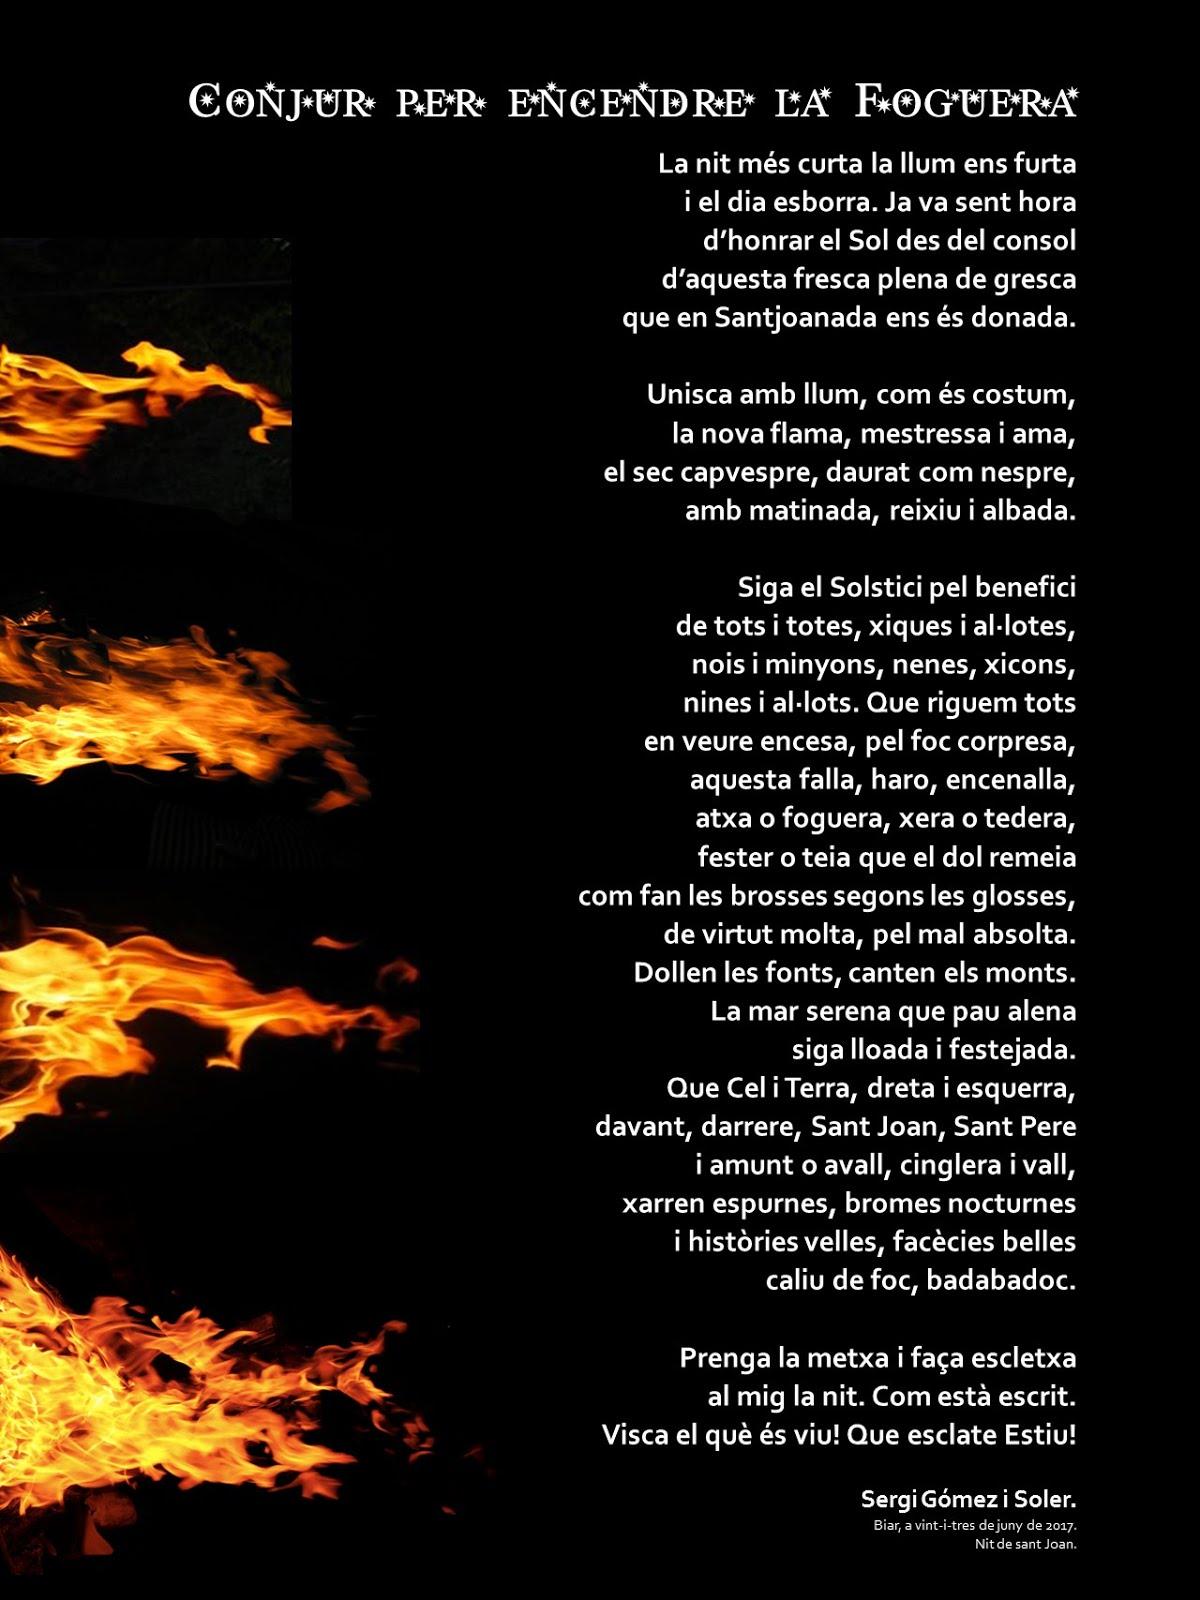 Conjur per encendre fogueres de Sant Joan